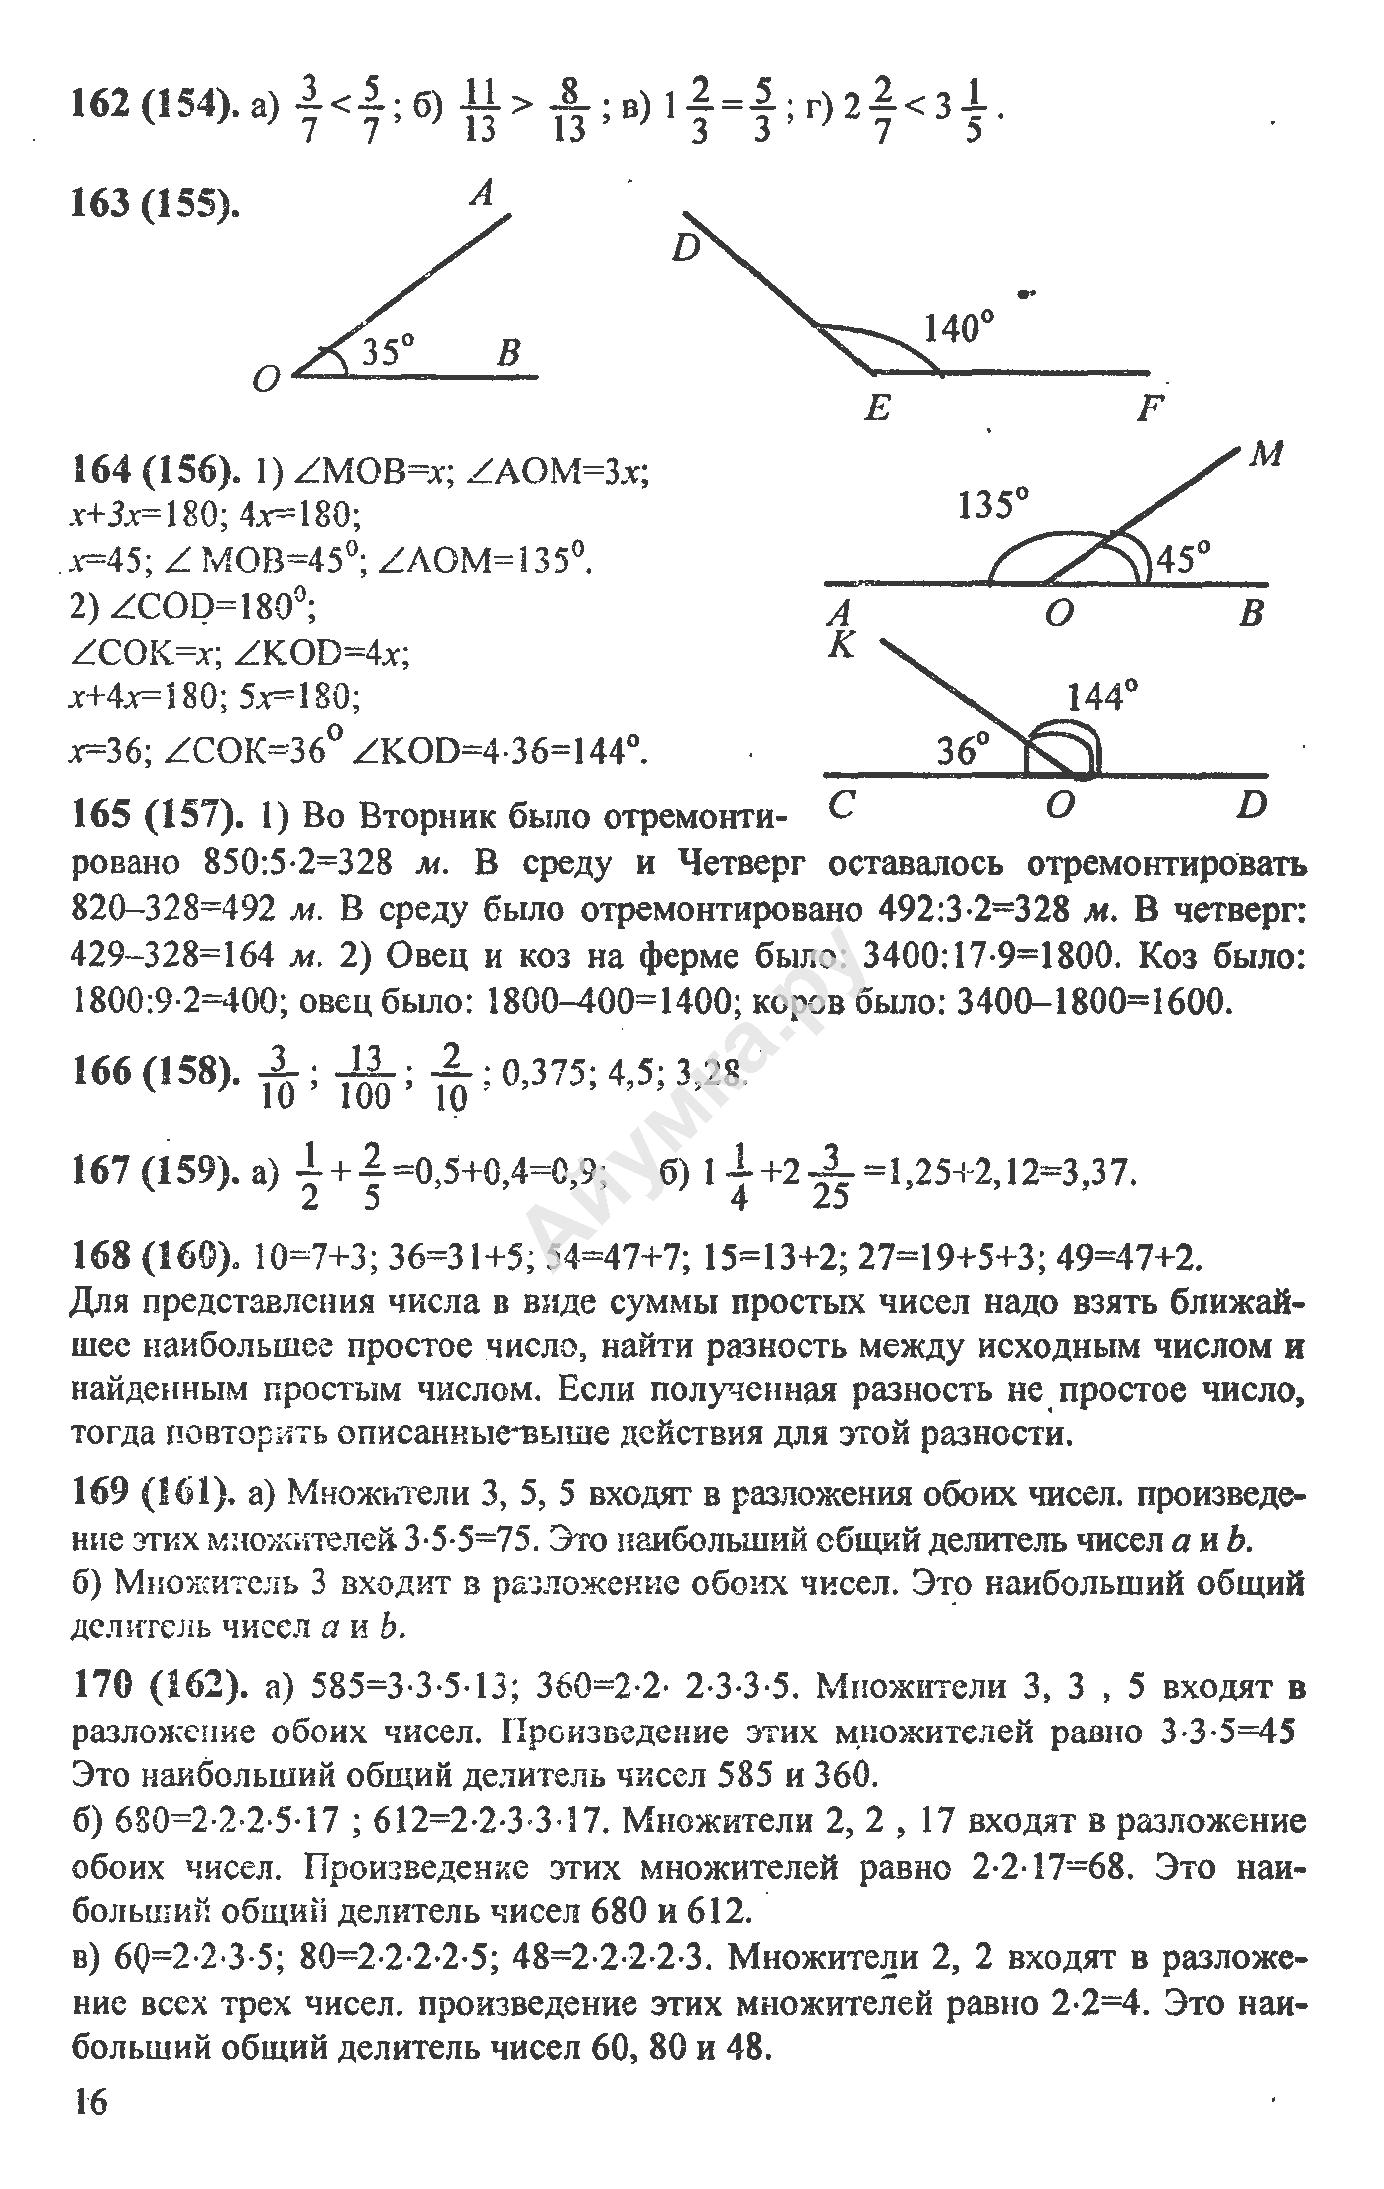 Гдз тестовые задания по русскому языку 8-9 классы составитель н.с цой